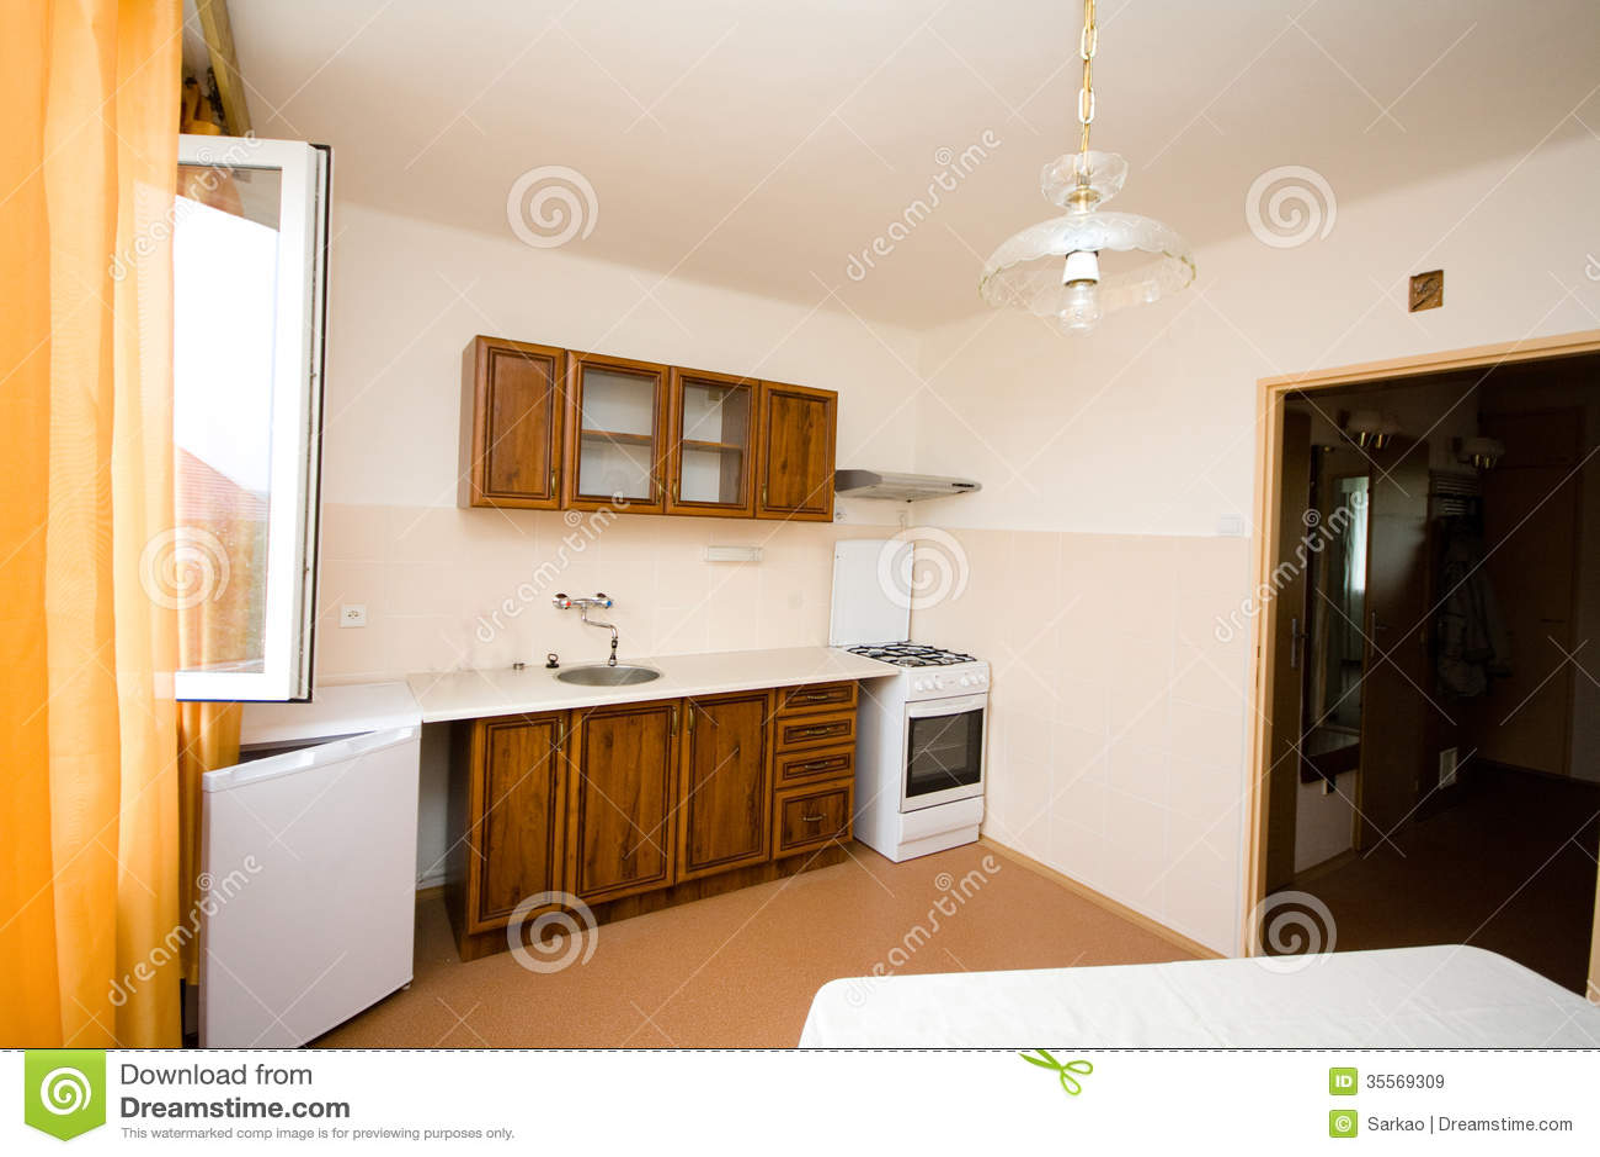 Einfache Küche stockbild. Bild von innen, bassin, weiß - 35569309